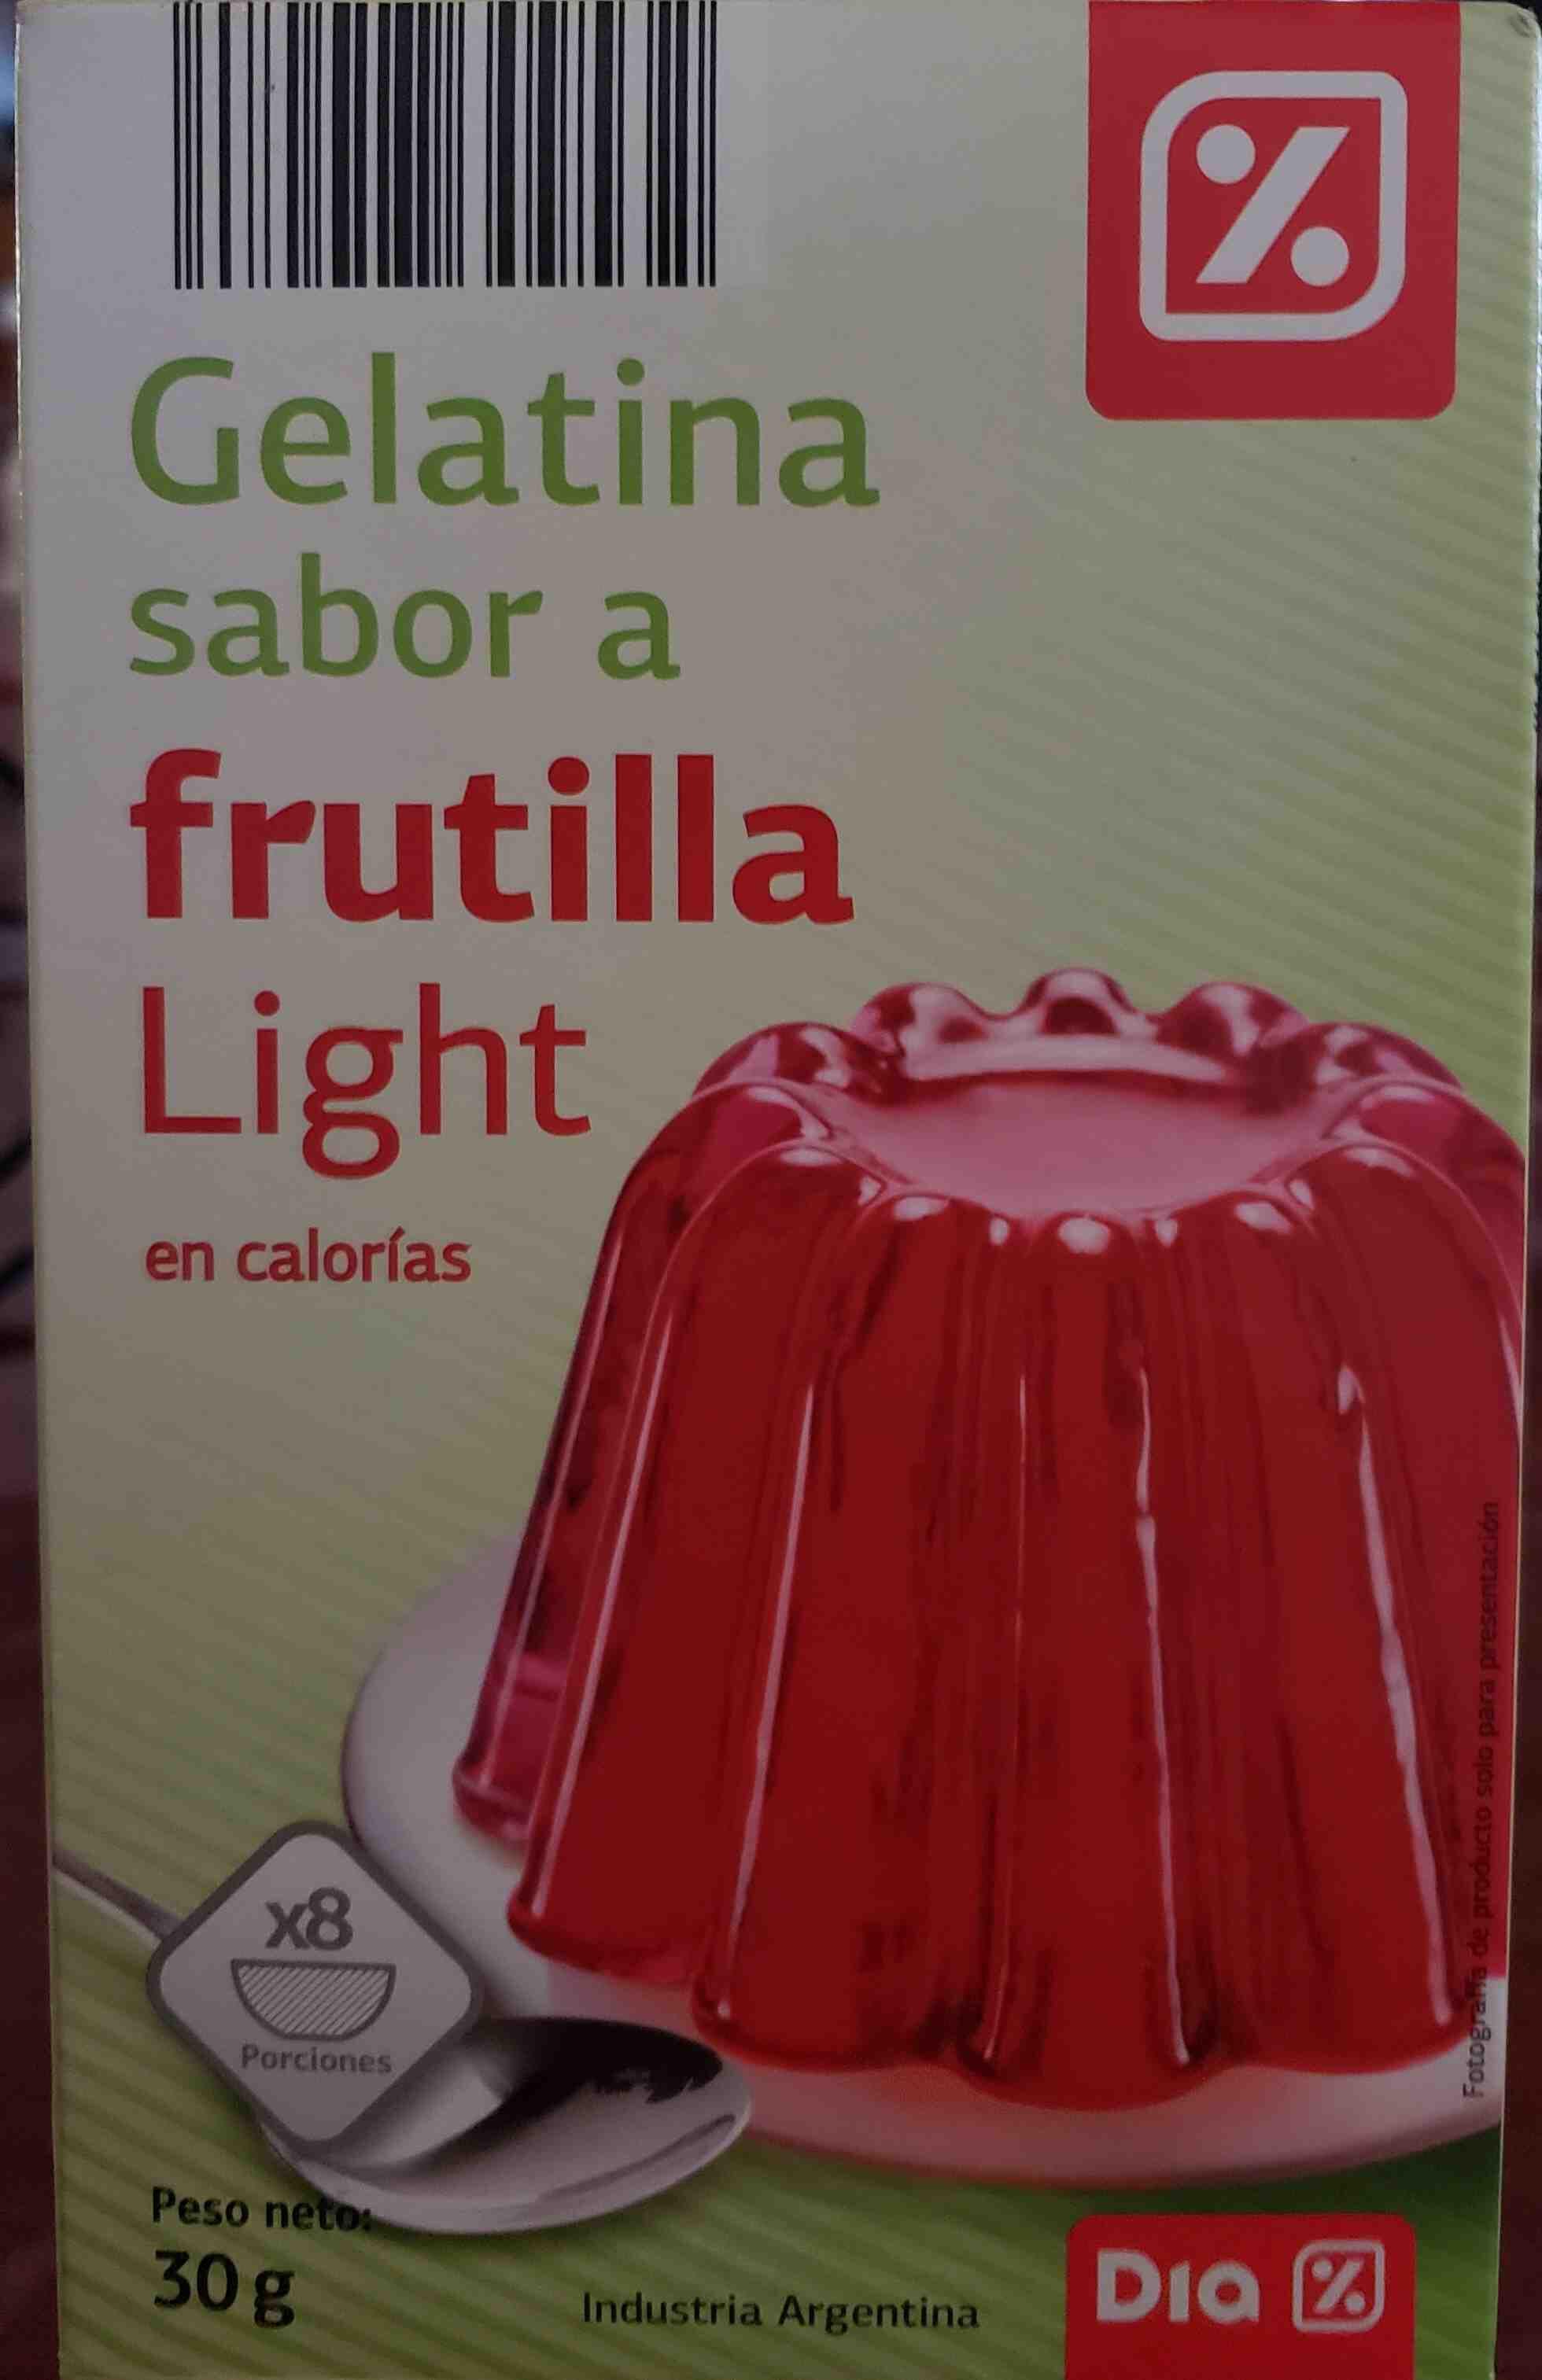 Que es la fenilalanina en la gelatina